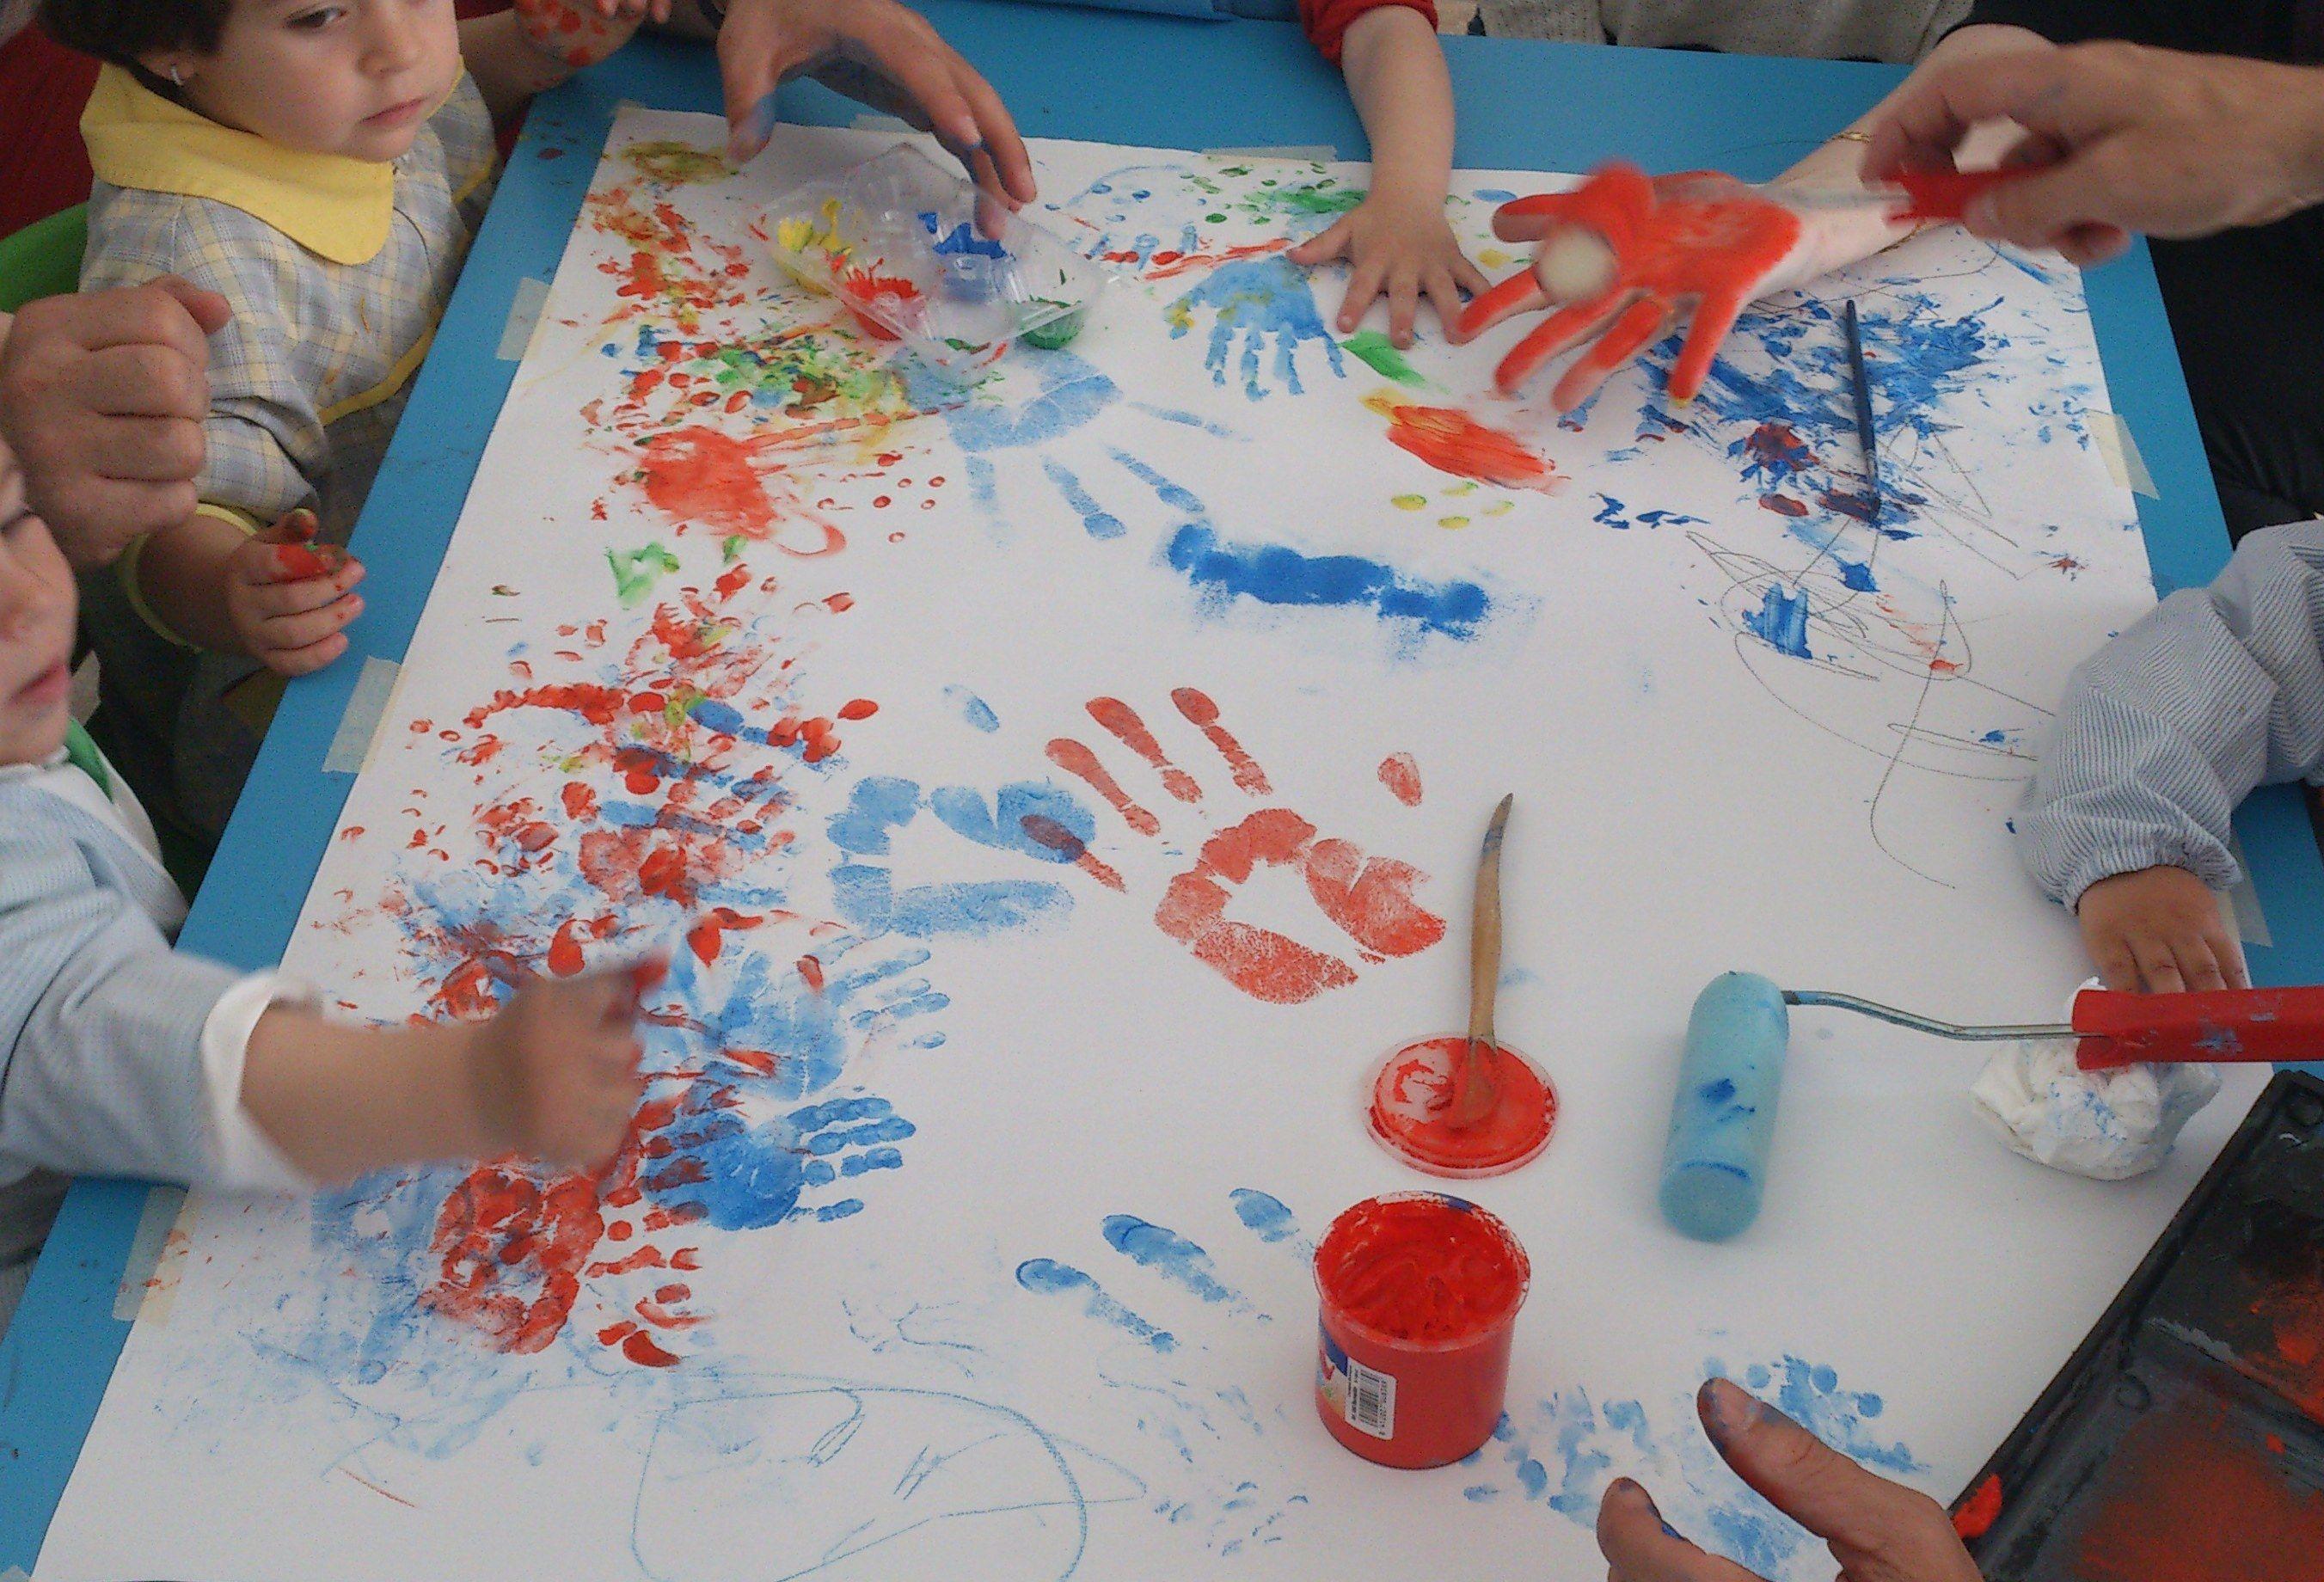 Taller De Pintura Para Niños De 2 A 3 Años Artist